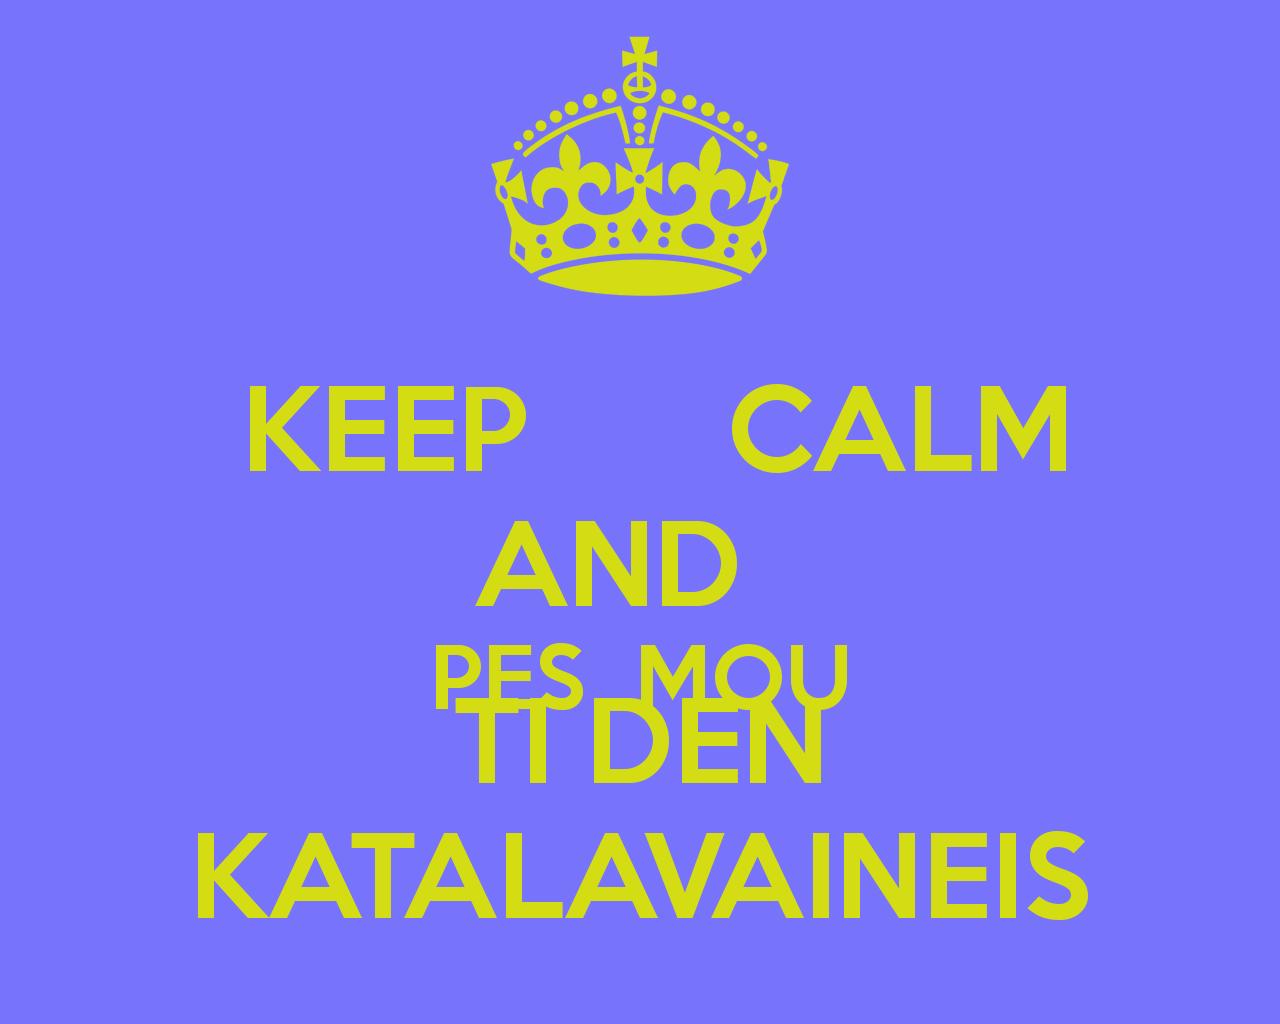 keep-calm-and-pes-mou-ti-den-katalavaineis